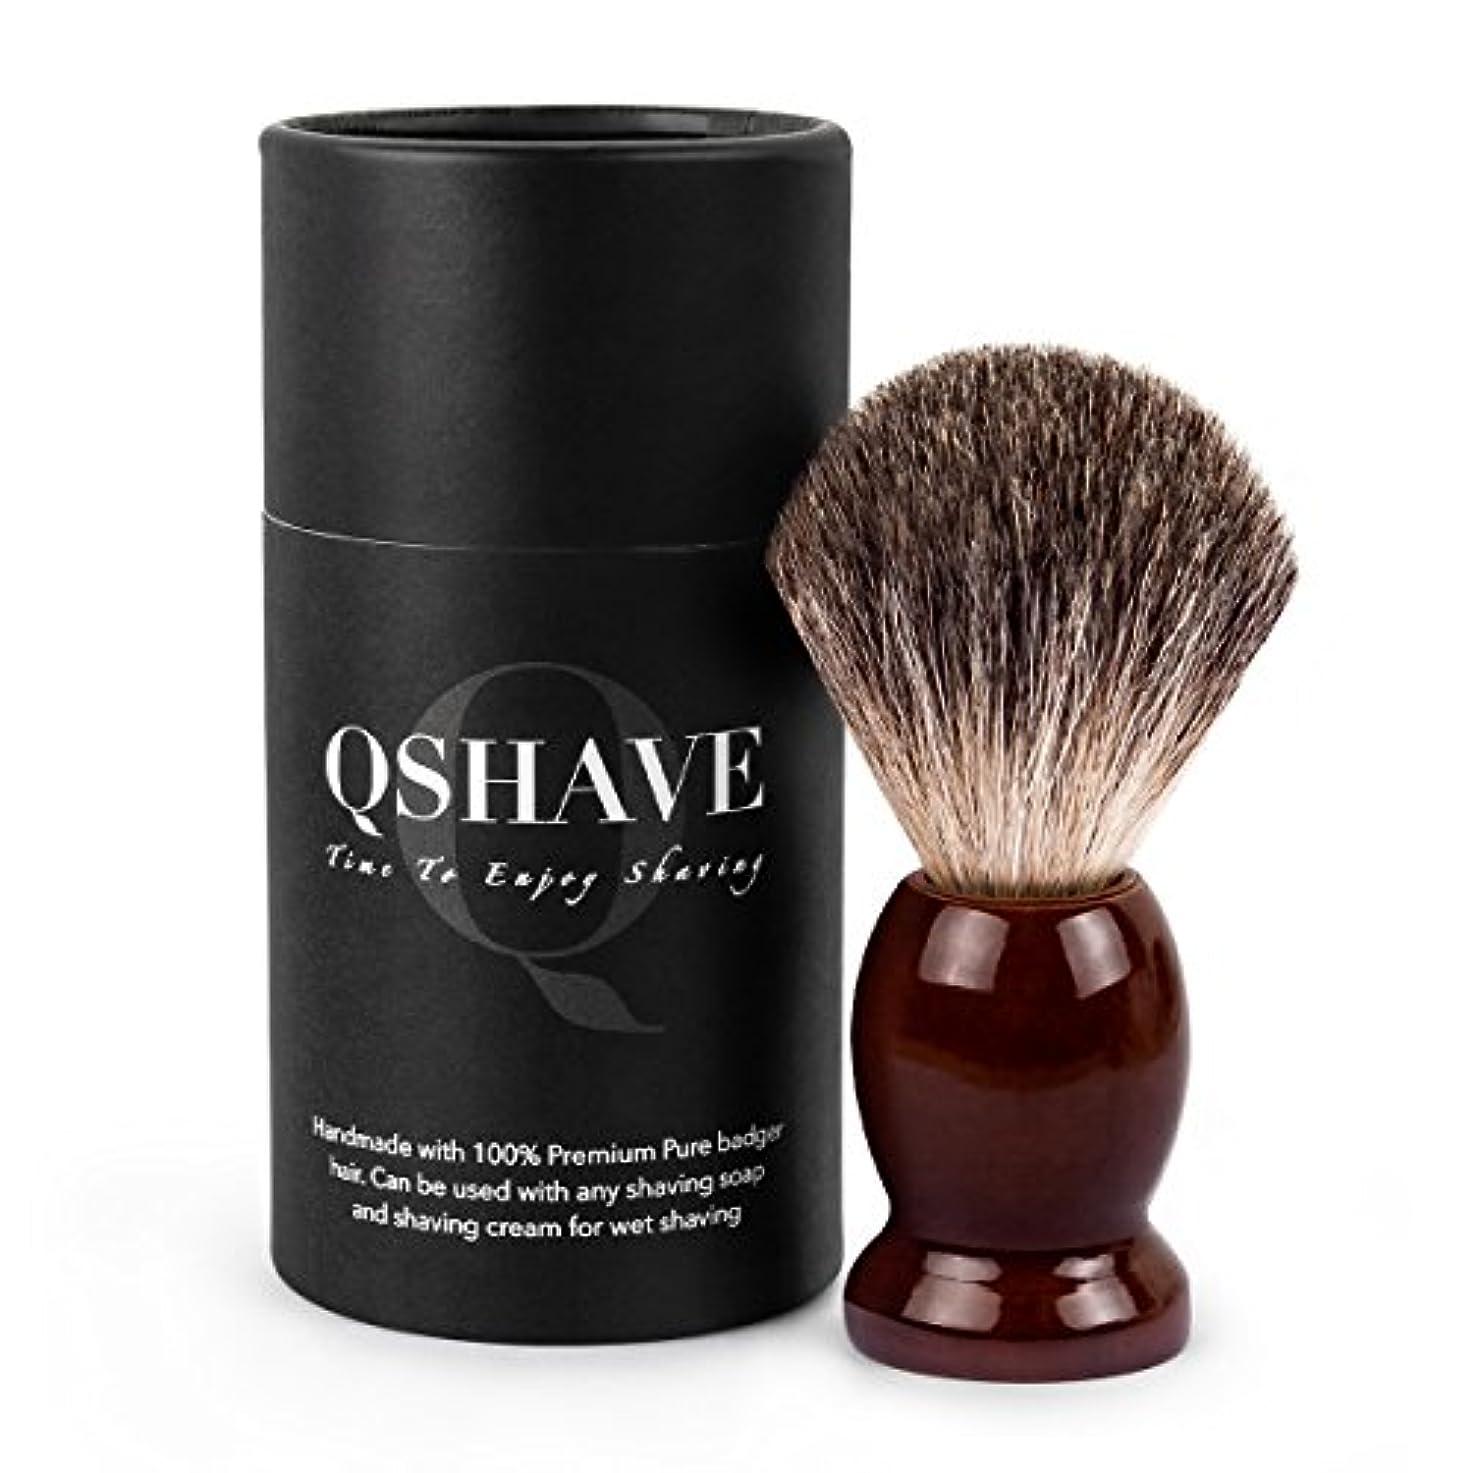 同行美的行商QSHAVE 100%最高級アナグマ毛オリジナルハンドメイドシェービングブラシ。木製ベース。ウェットシェービング、安全カミソリ、両刃カミソリに最適